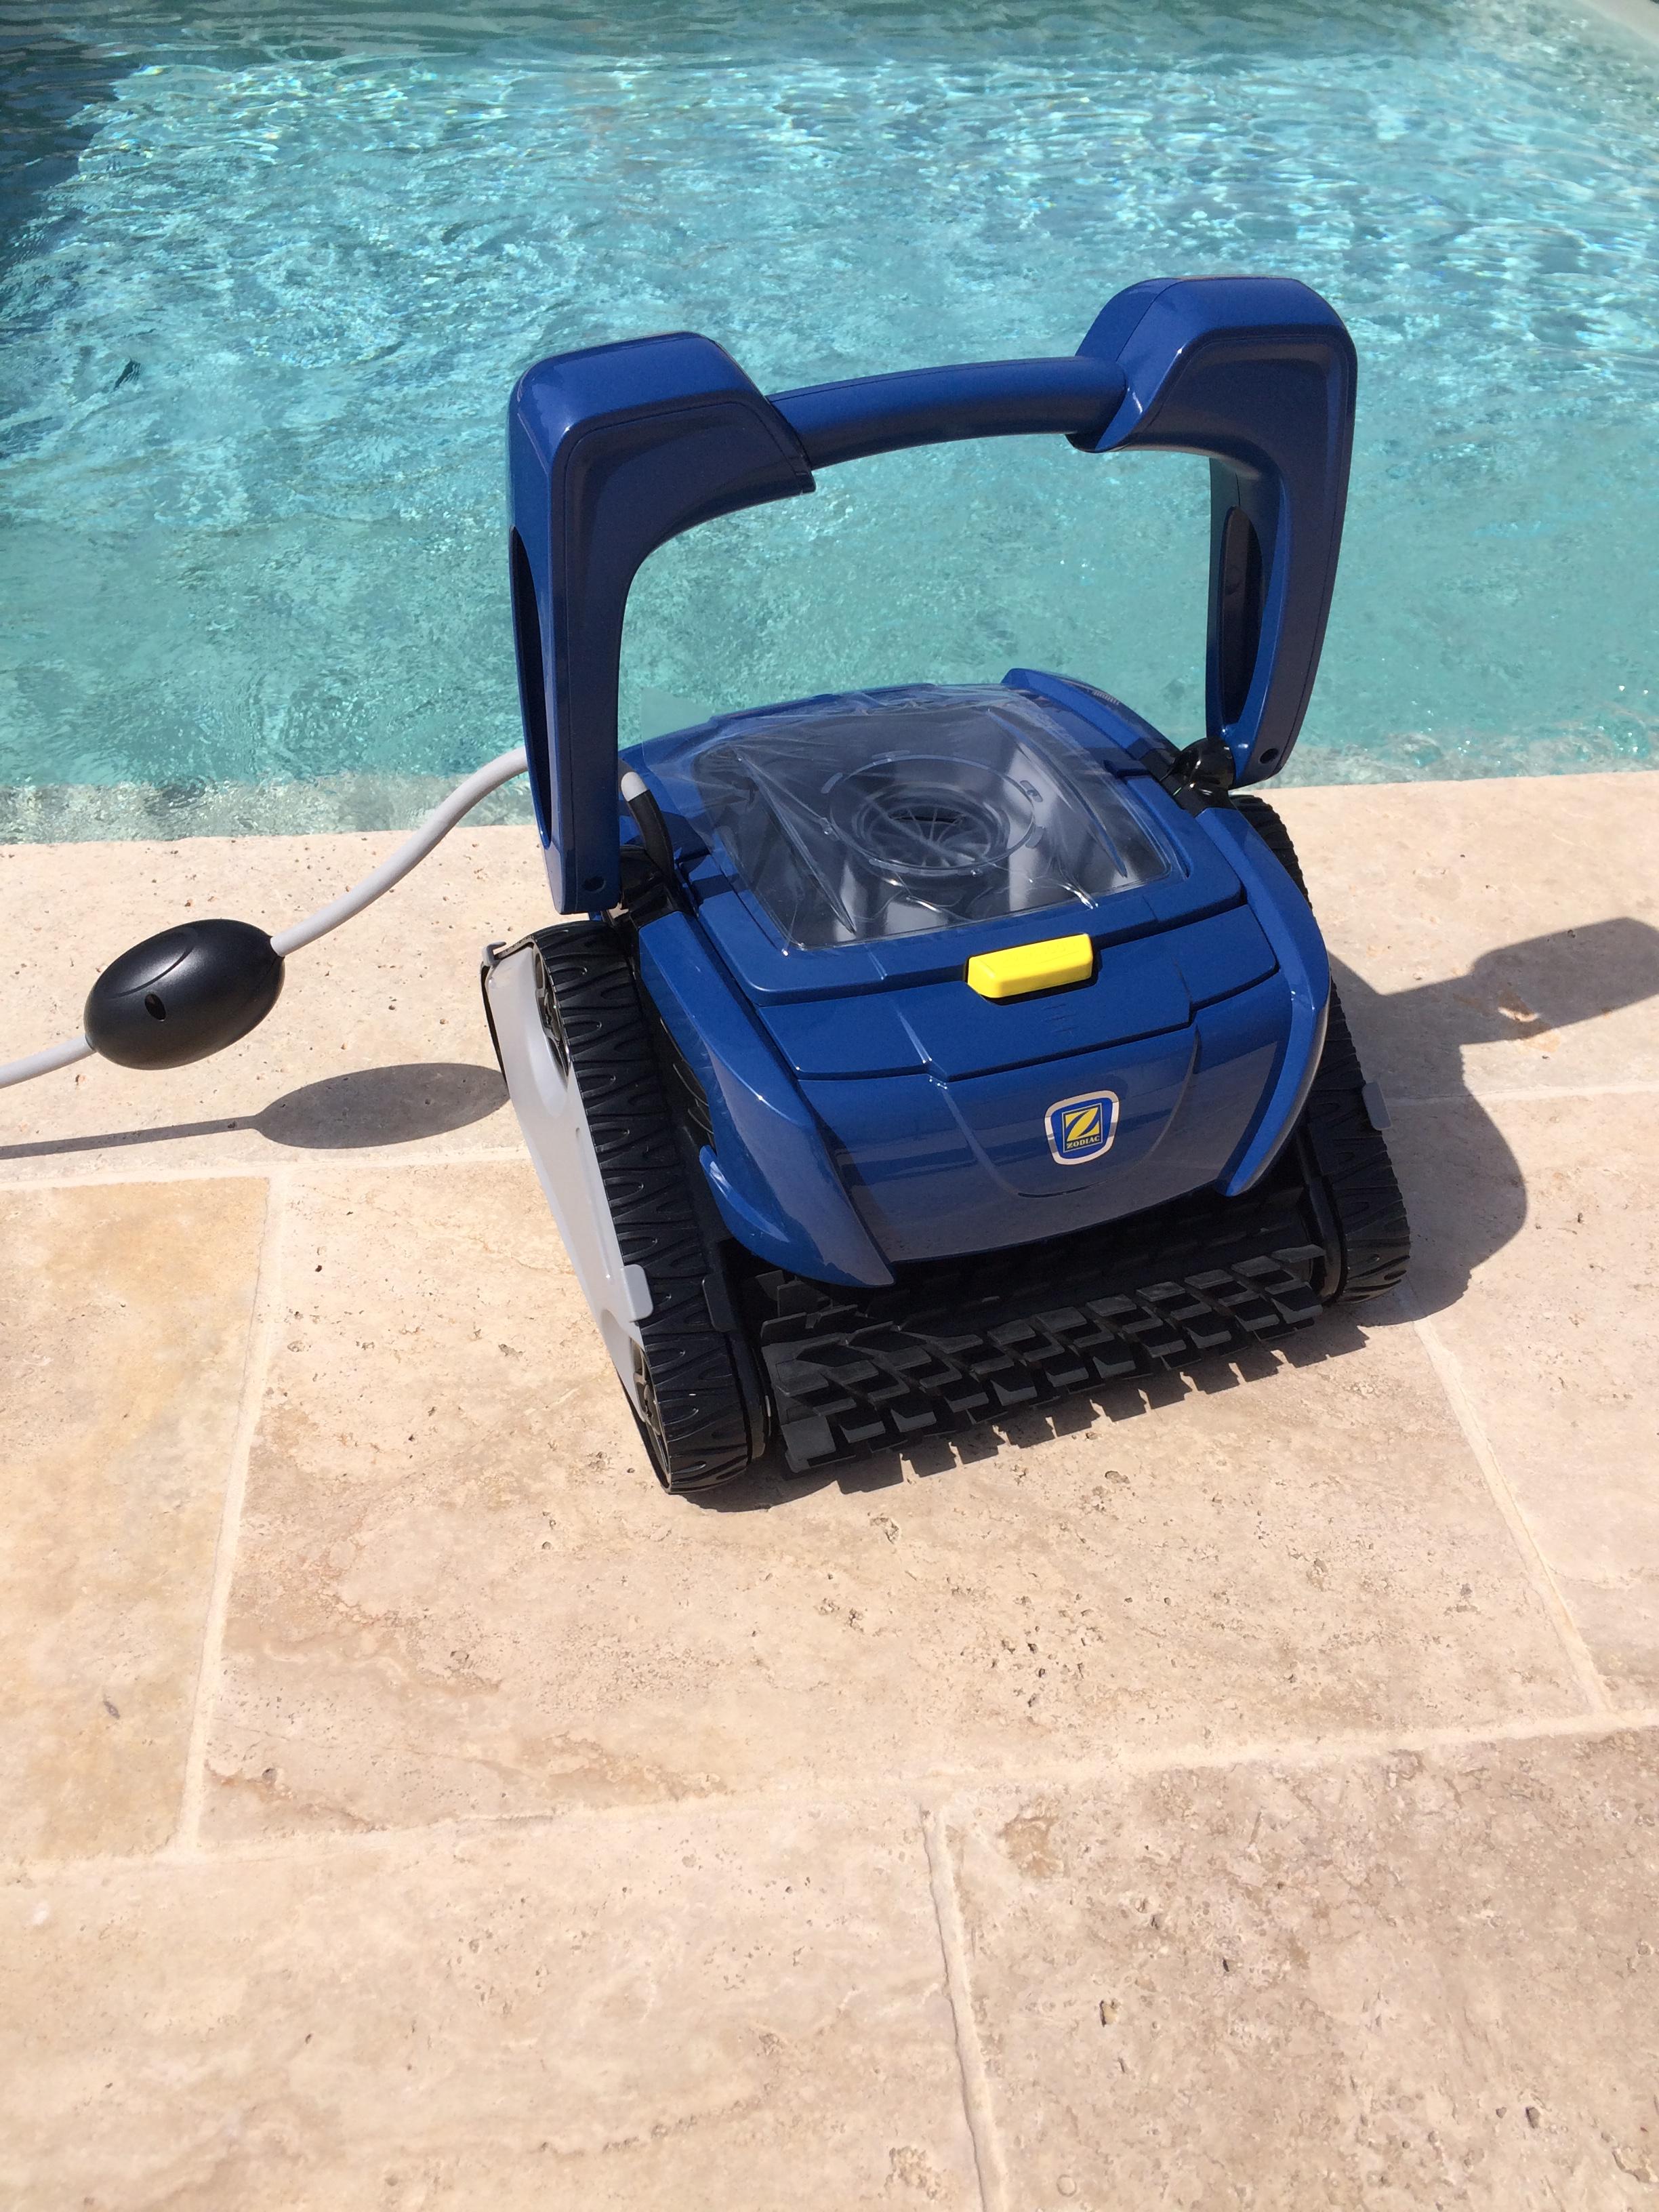 robot de piscine - Avignon et rochefort du gard